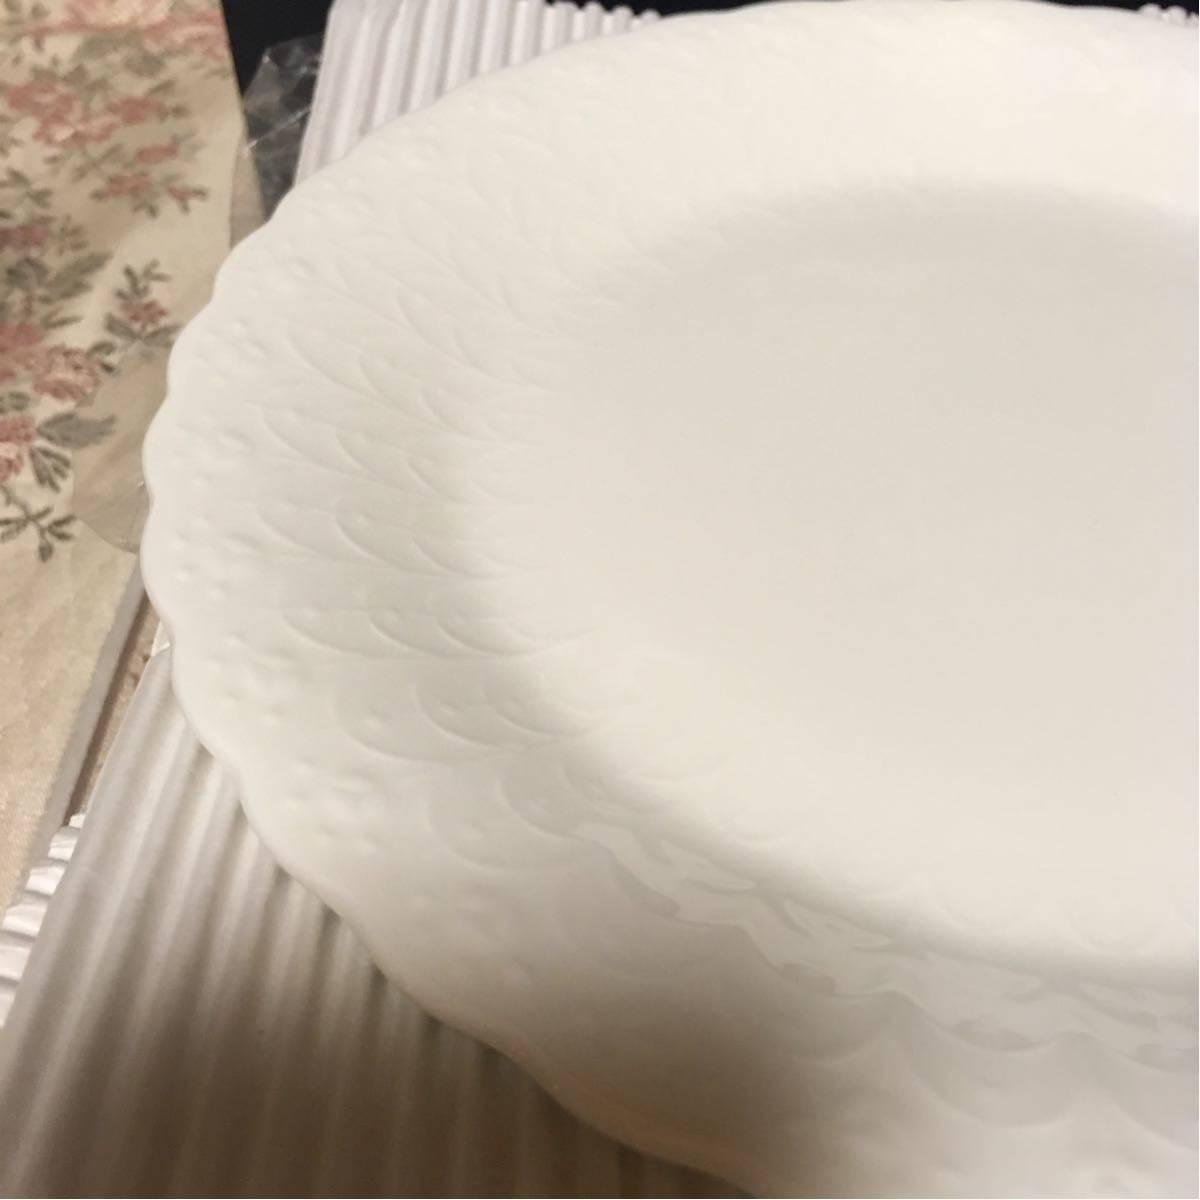 新品★ナルミ シルキーホワイト 19cm プレート ケーキ皿 6枚セット_画像3